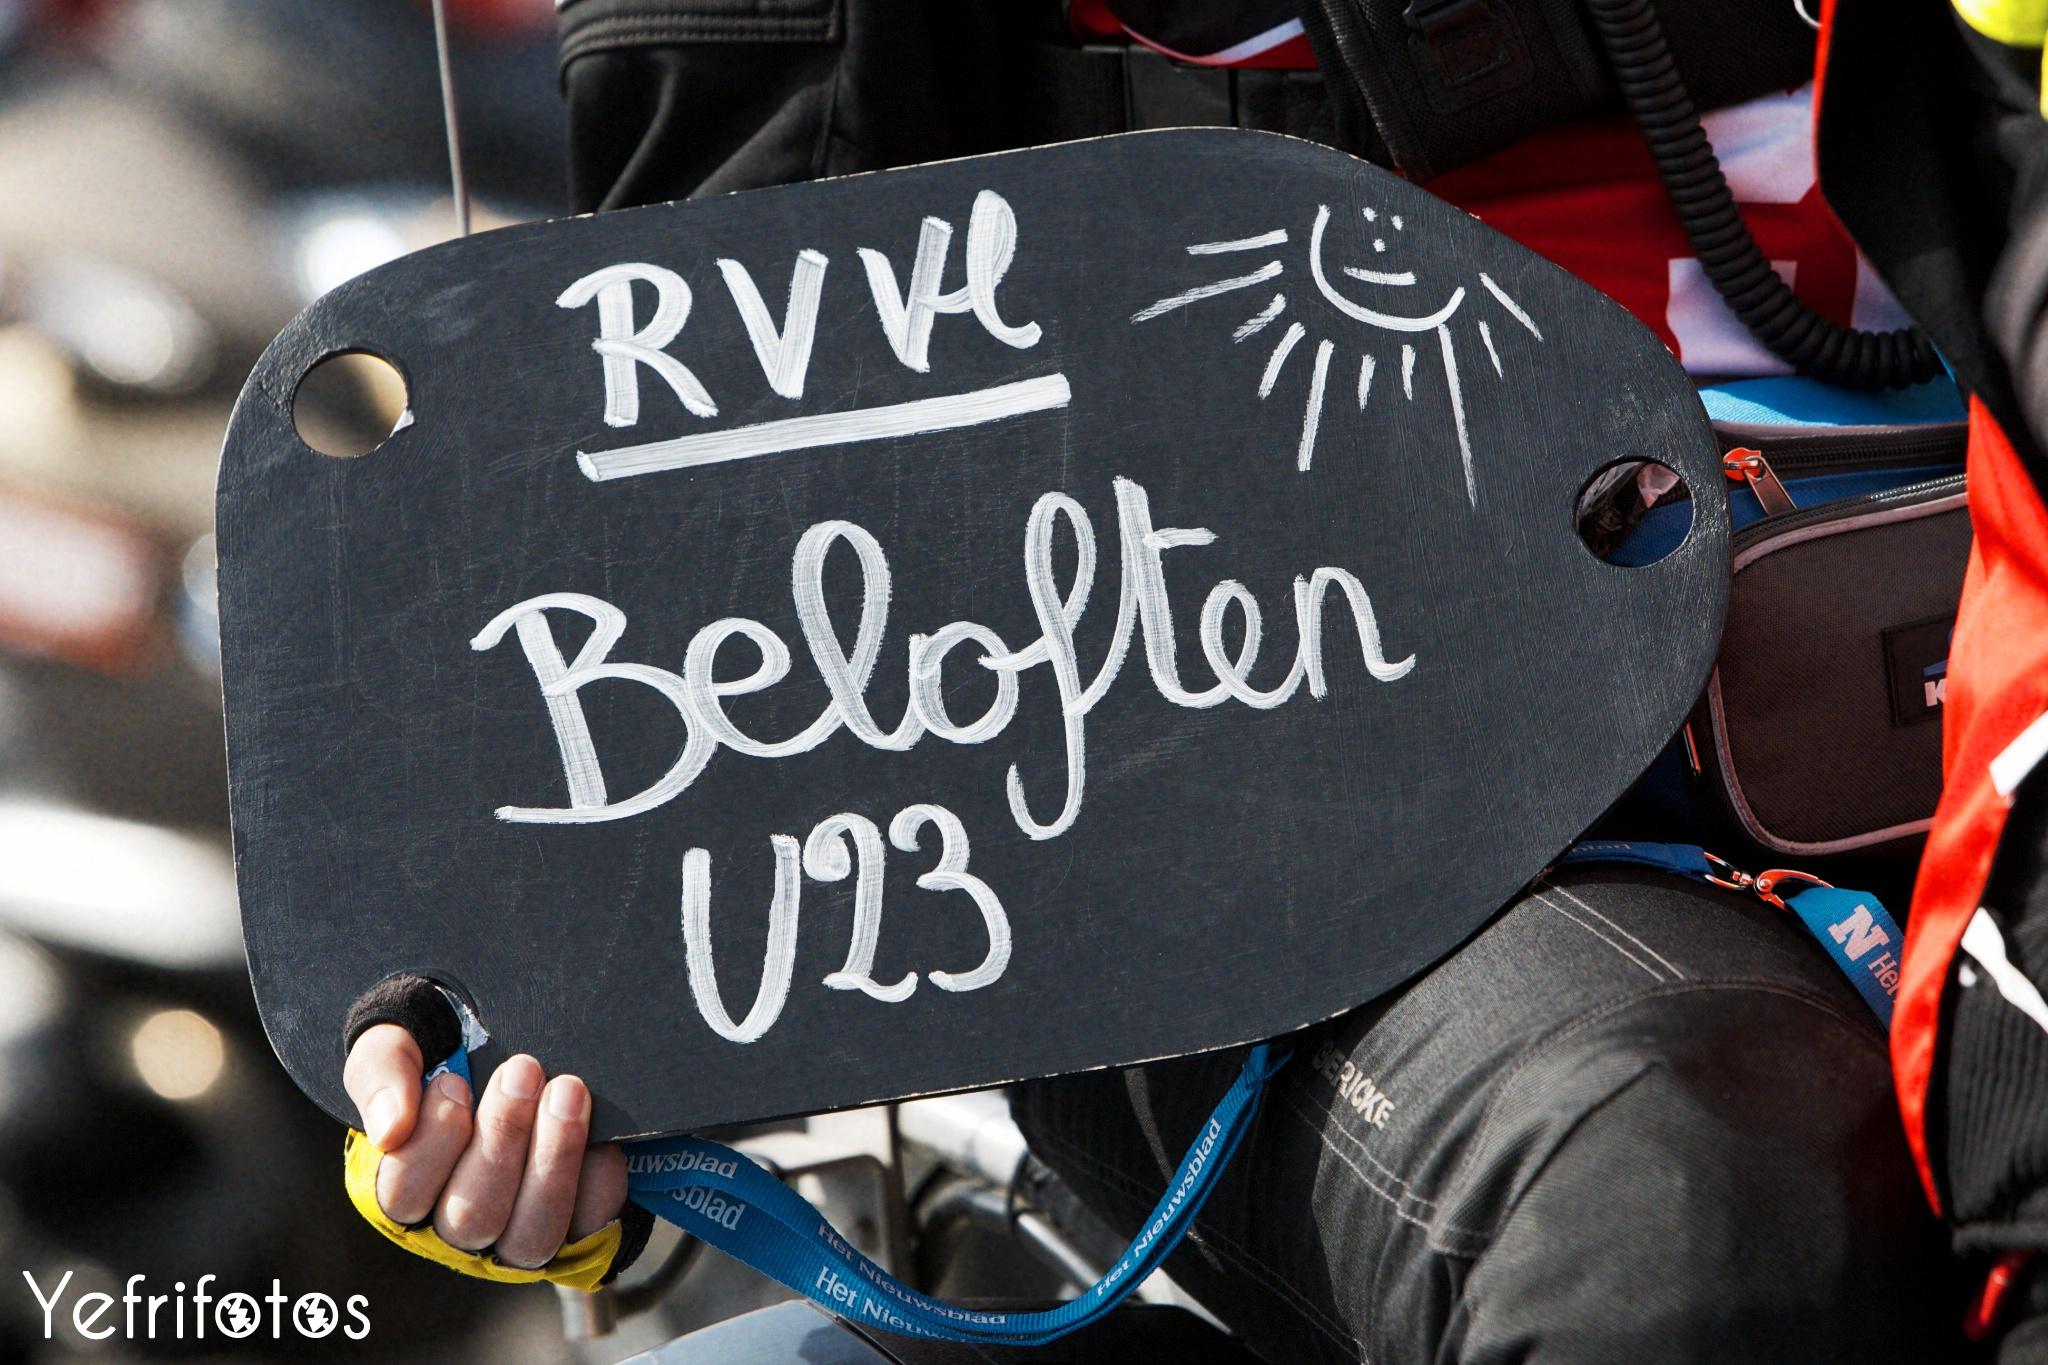 RVV U23 Ronde Tour des Flandres